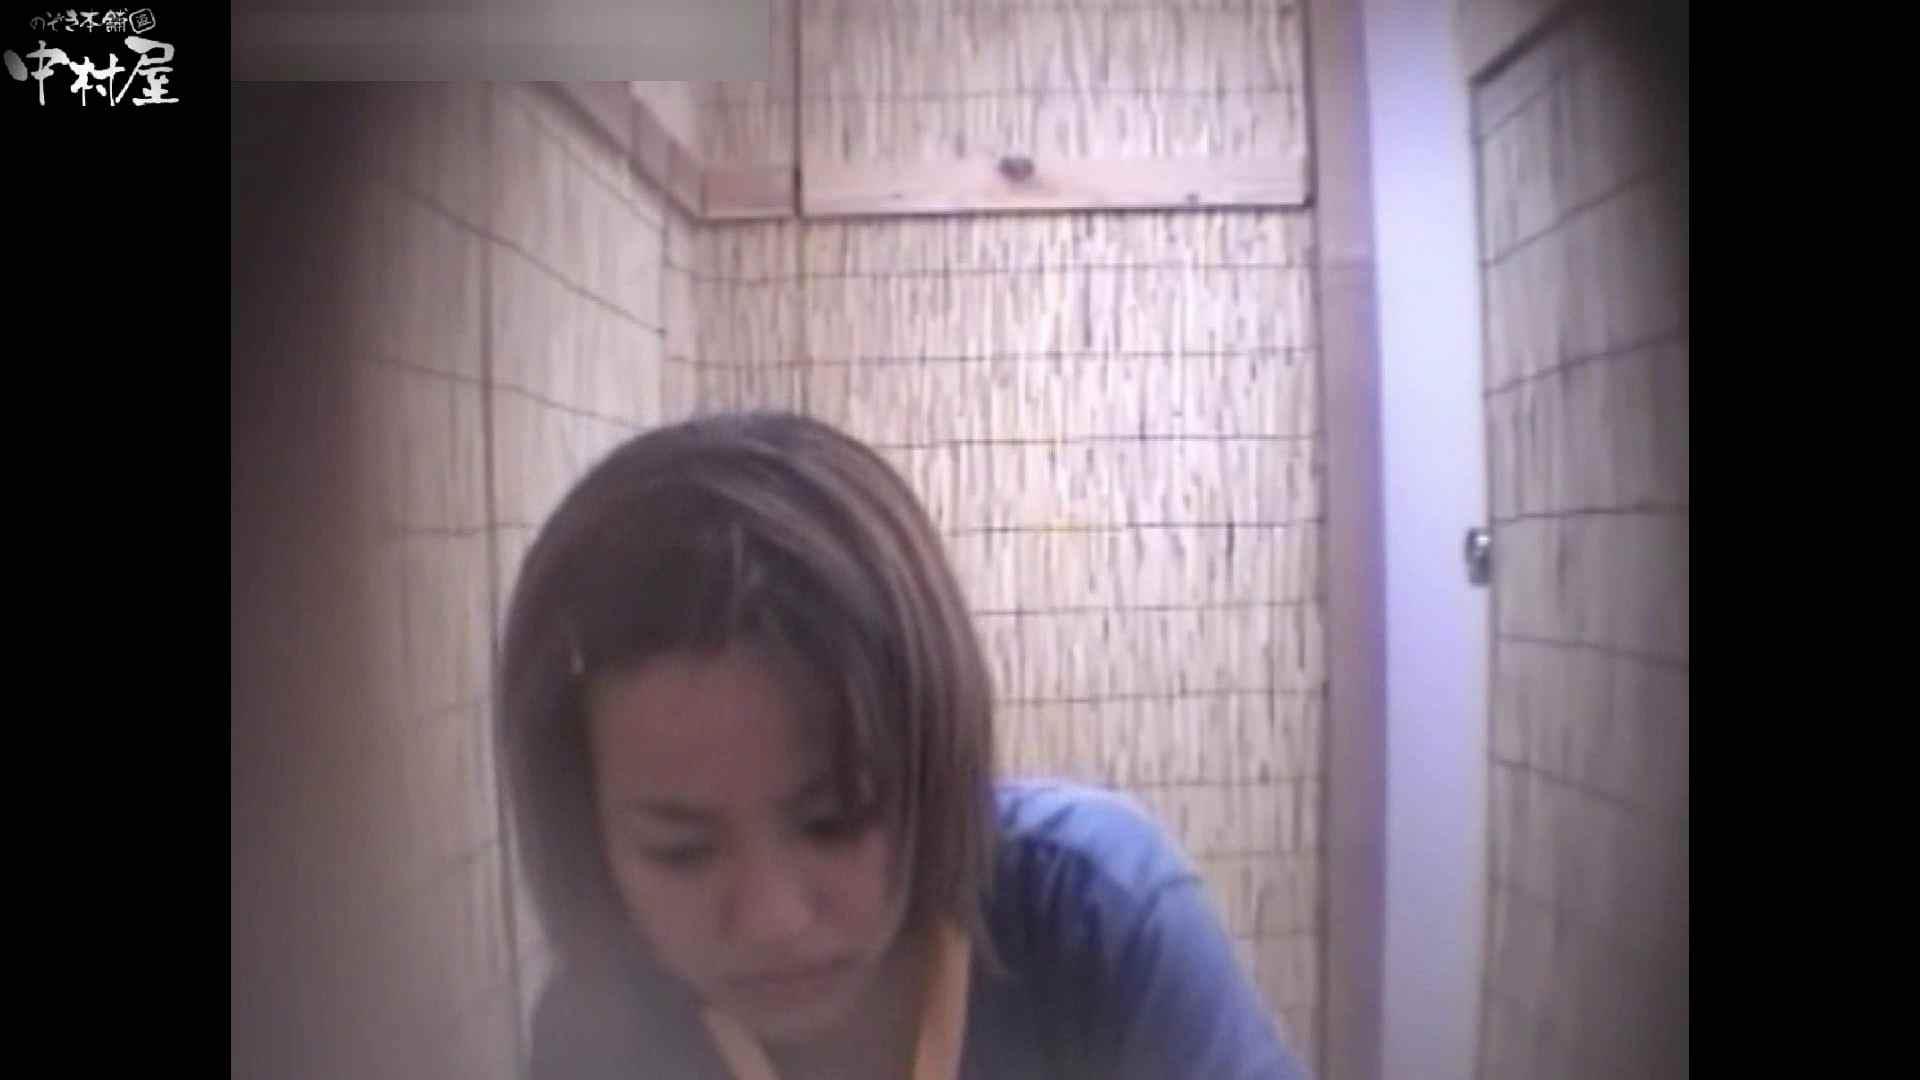 解禁!海の家4カメ洗面所vol.36 洗面所編 | ギャルのエロ動画  80PIX 43